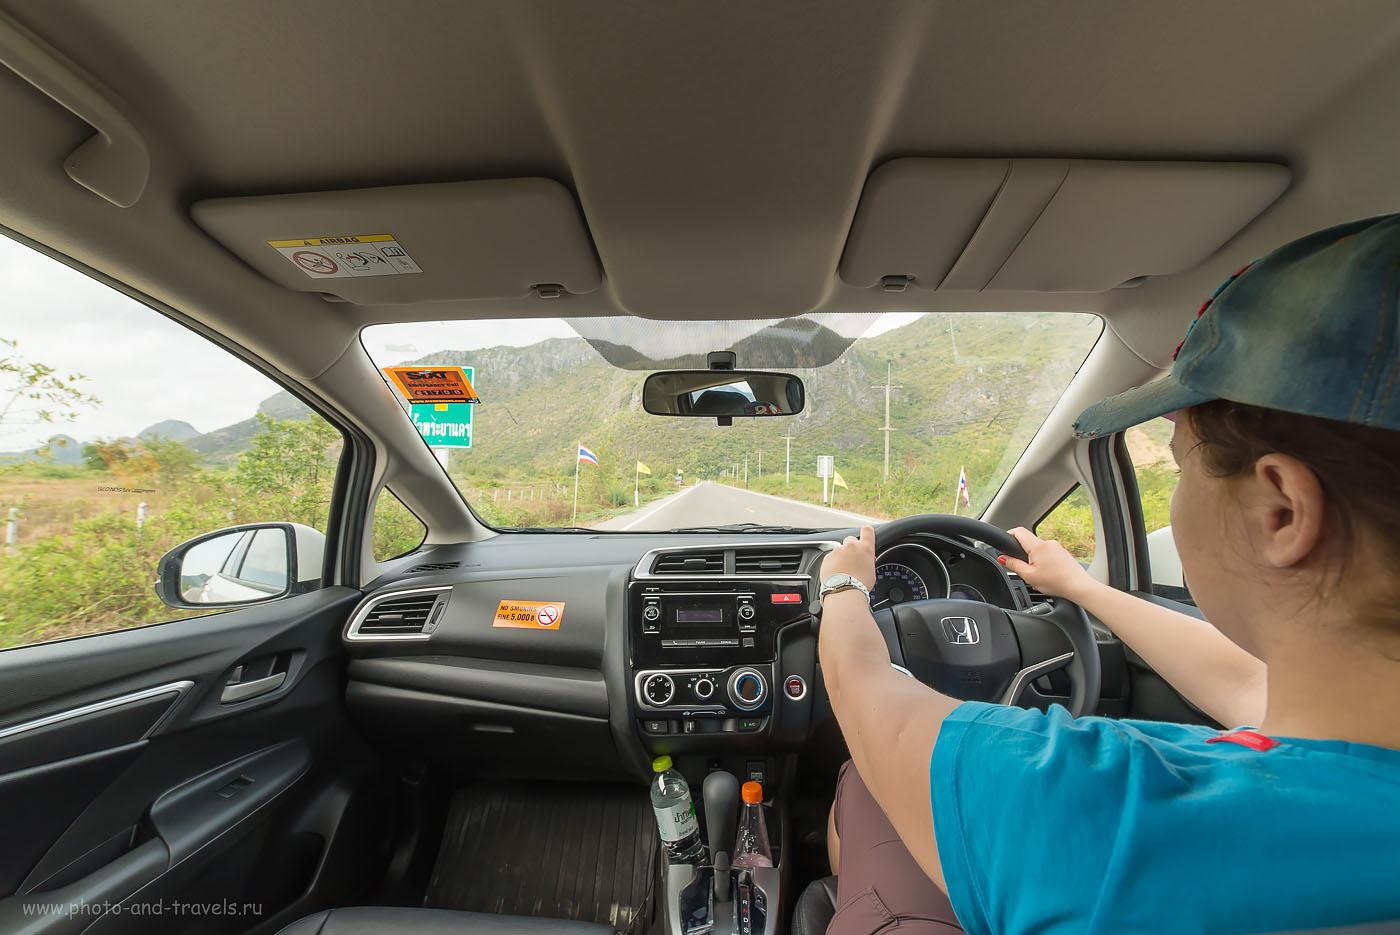 Фото 22. После того, как мы проехали за правым рулем по левосторонним дорогам Шри-Ланки 1200 км, привыкать к левостороннему движению в Таиланде было легко. Тур на машине в феврале - марте